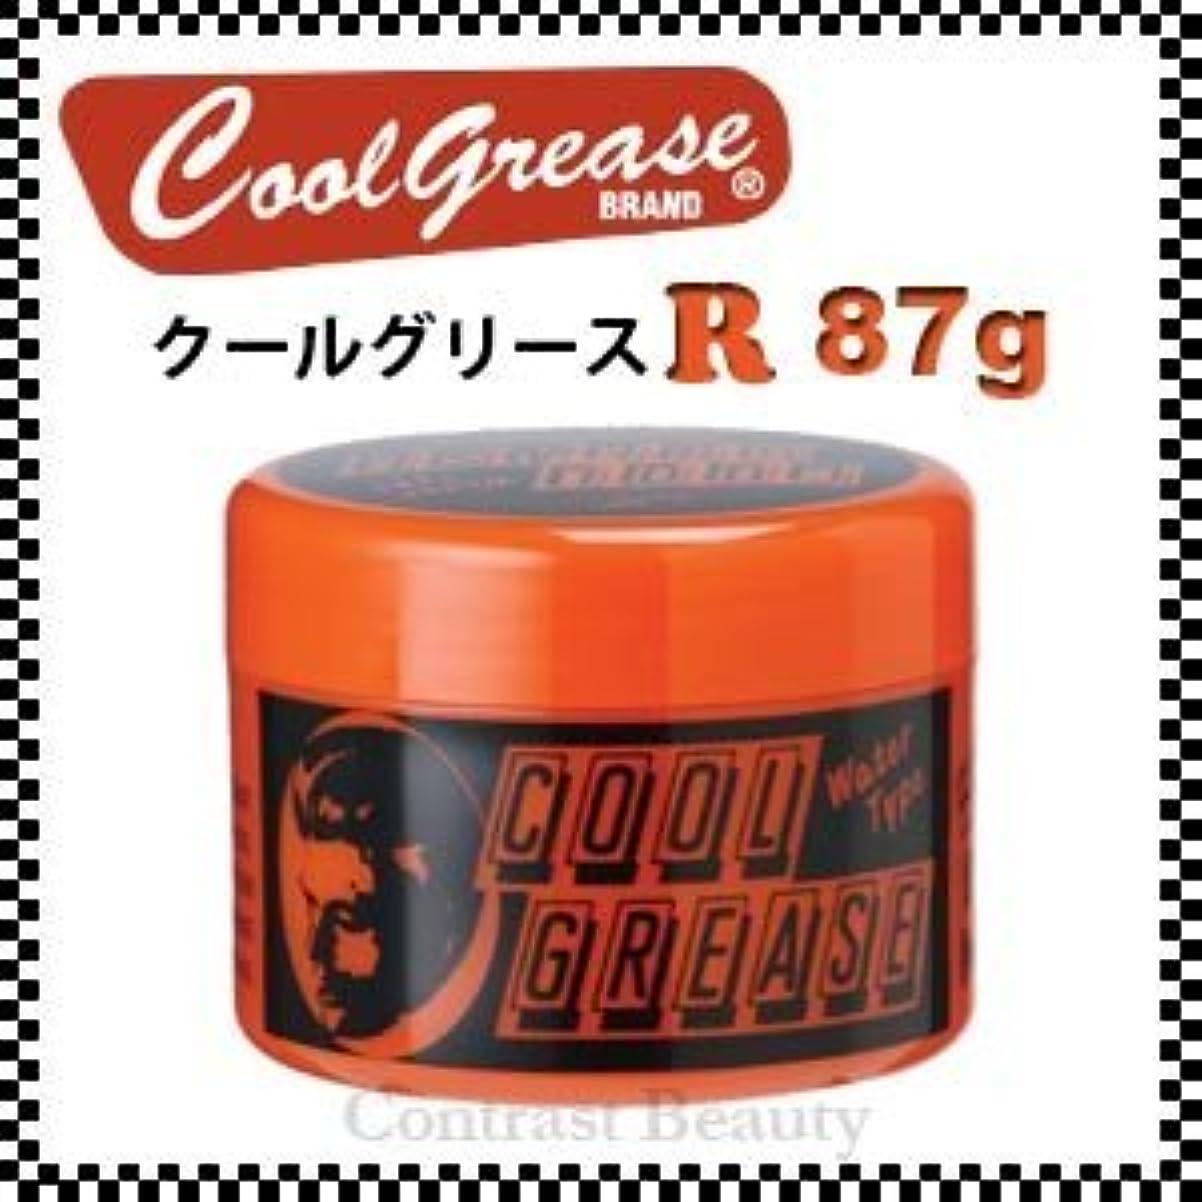 阪本高生堂 クールグリース R 87g